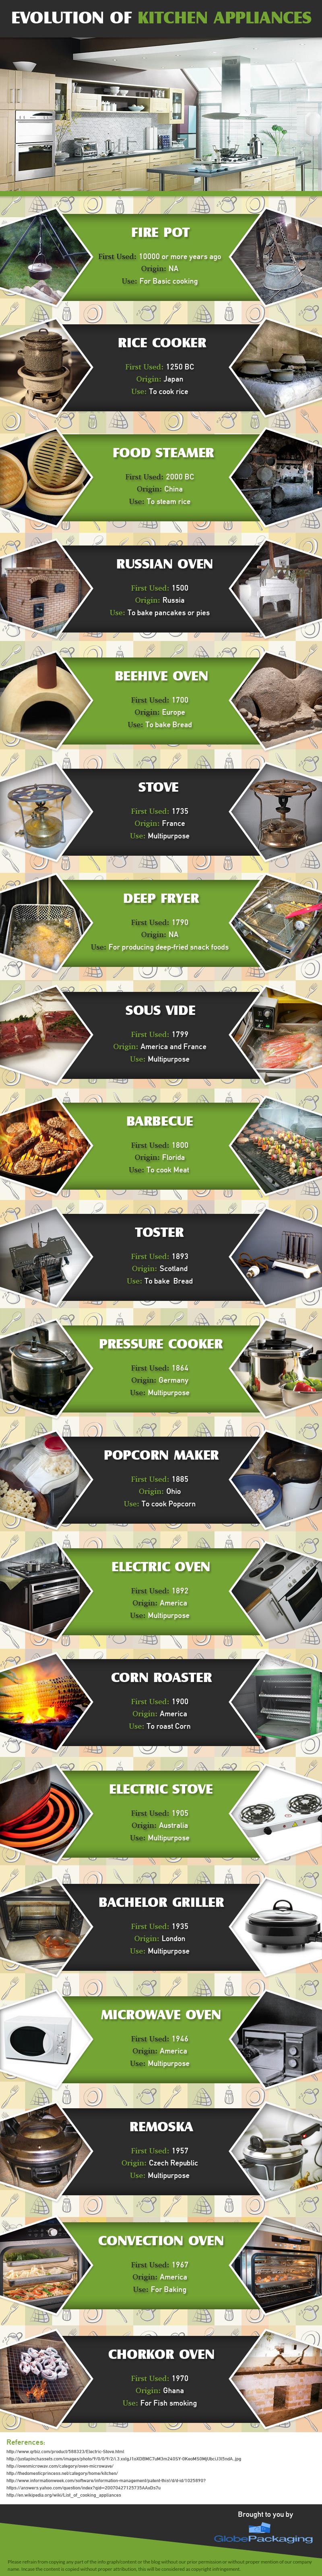 Evolution of Kitchen Appliances